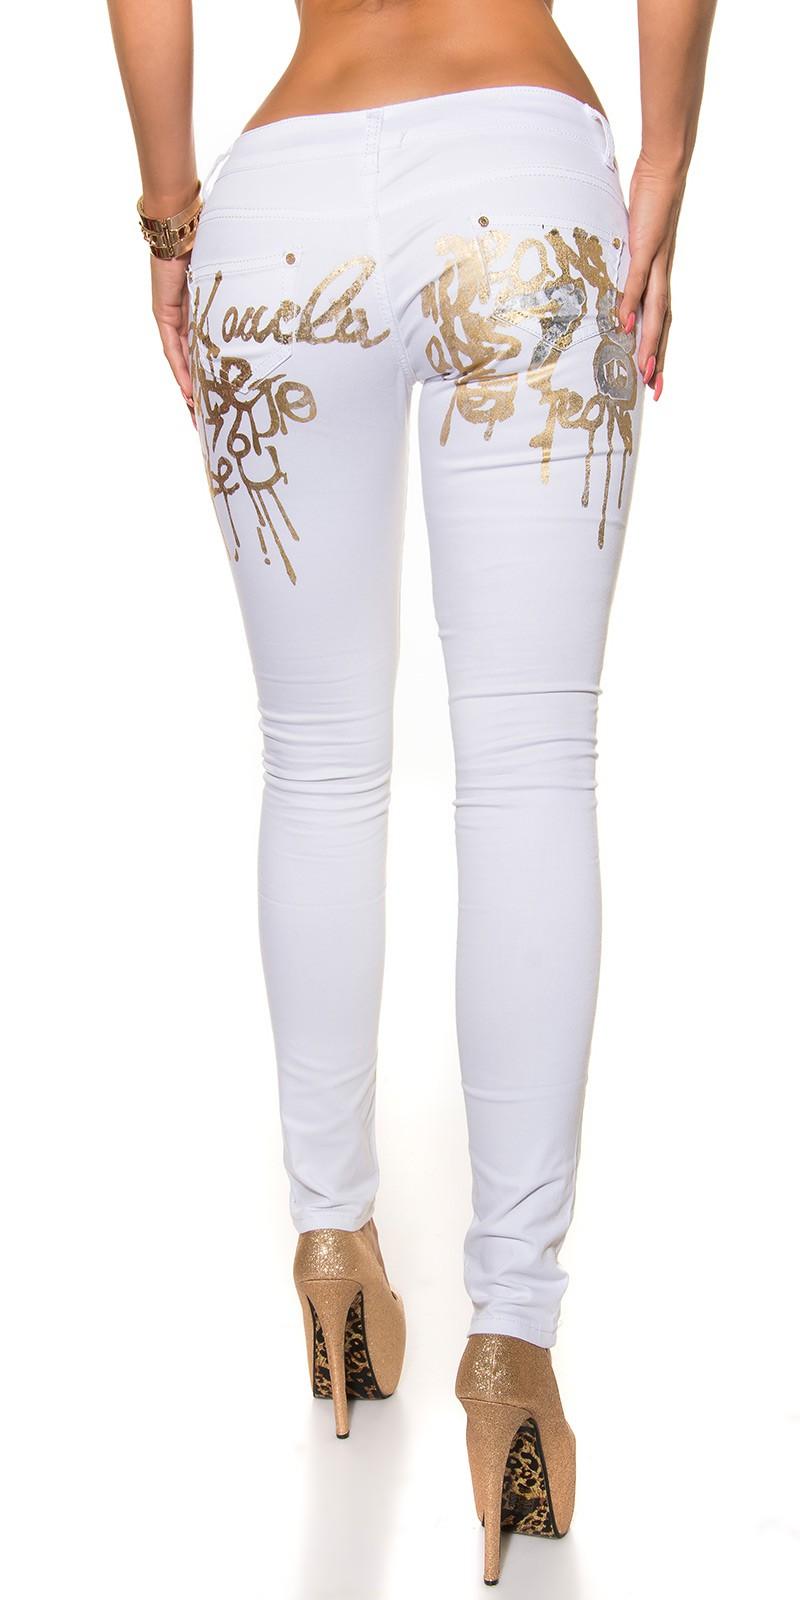 e2efe02148a Bílé dámské kalhoty s nápisem